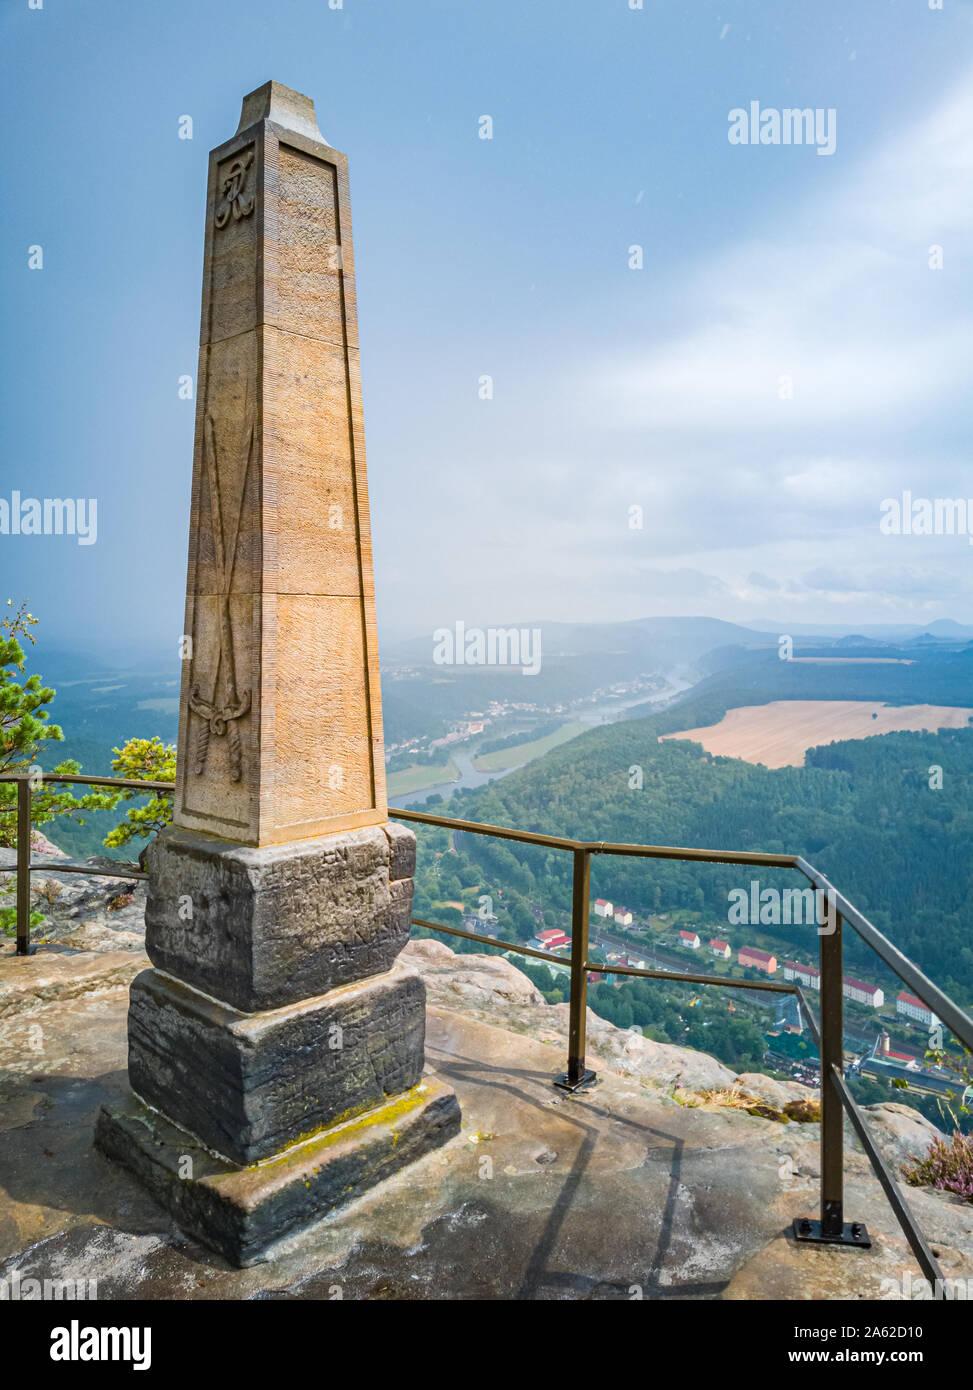 Elbsandsteingebirge (Sächsische Schweiz), Sachsen, Deutschland, Obelisk auf dem Lilienstein Rock der Aufstieg von König August der Starke gedenken und Stockfoto